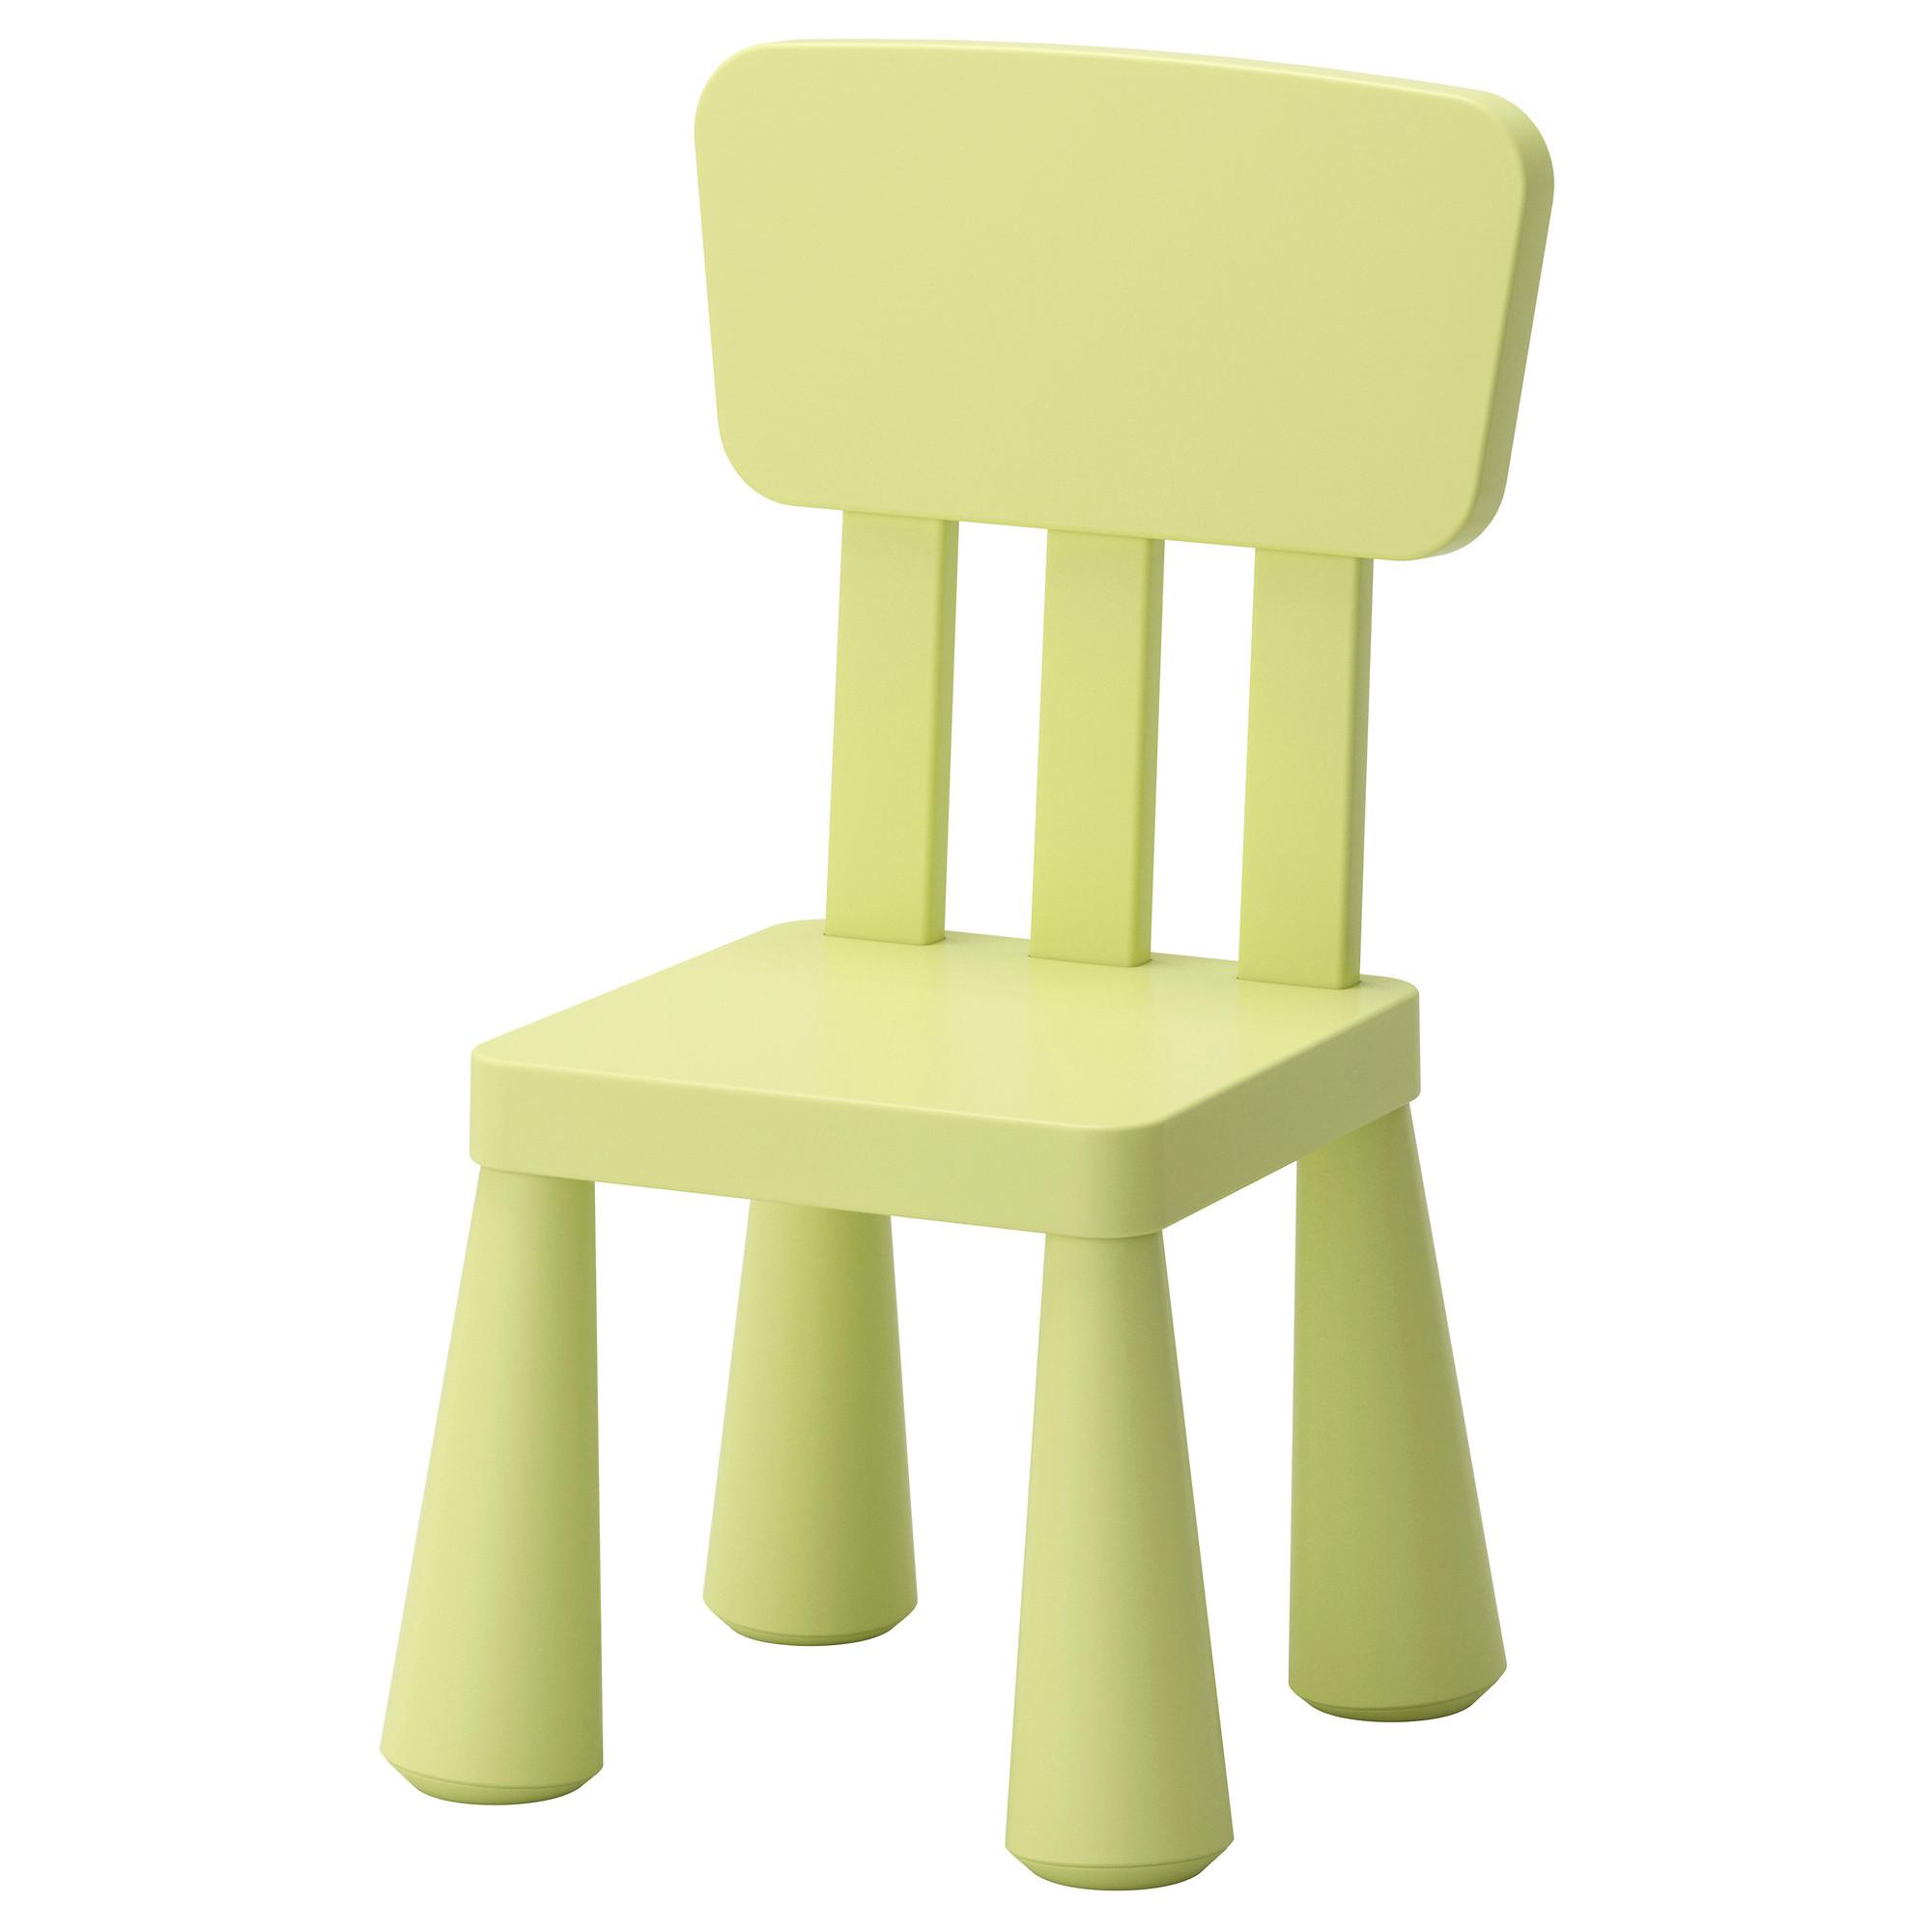 childrens chairs mammut childrenu0027s chair, light green indoor/outdoor, light green width: 15 3 DYIKDUT